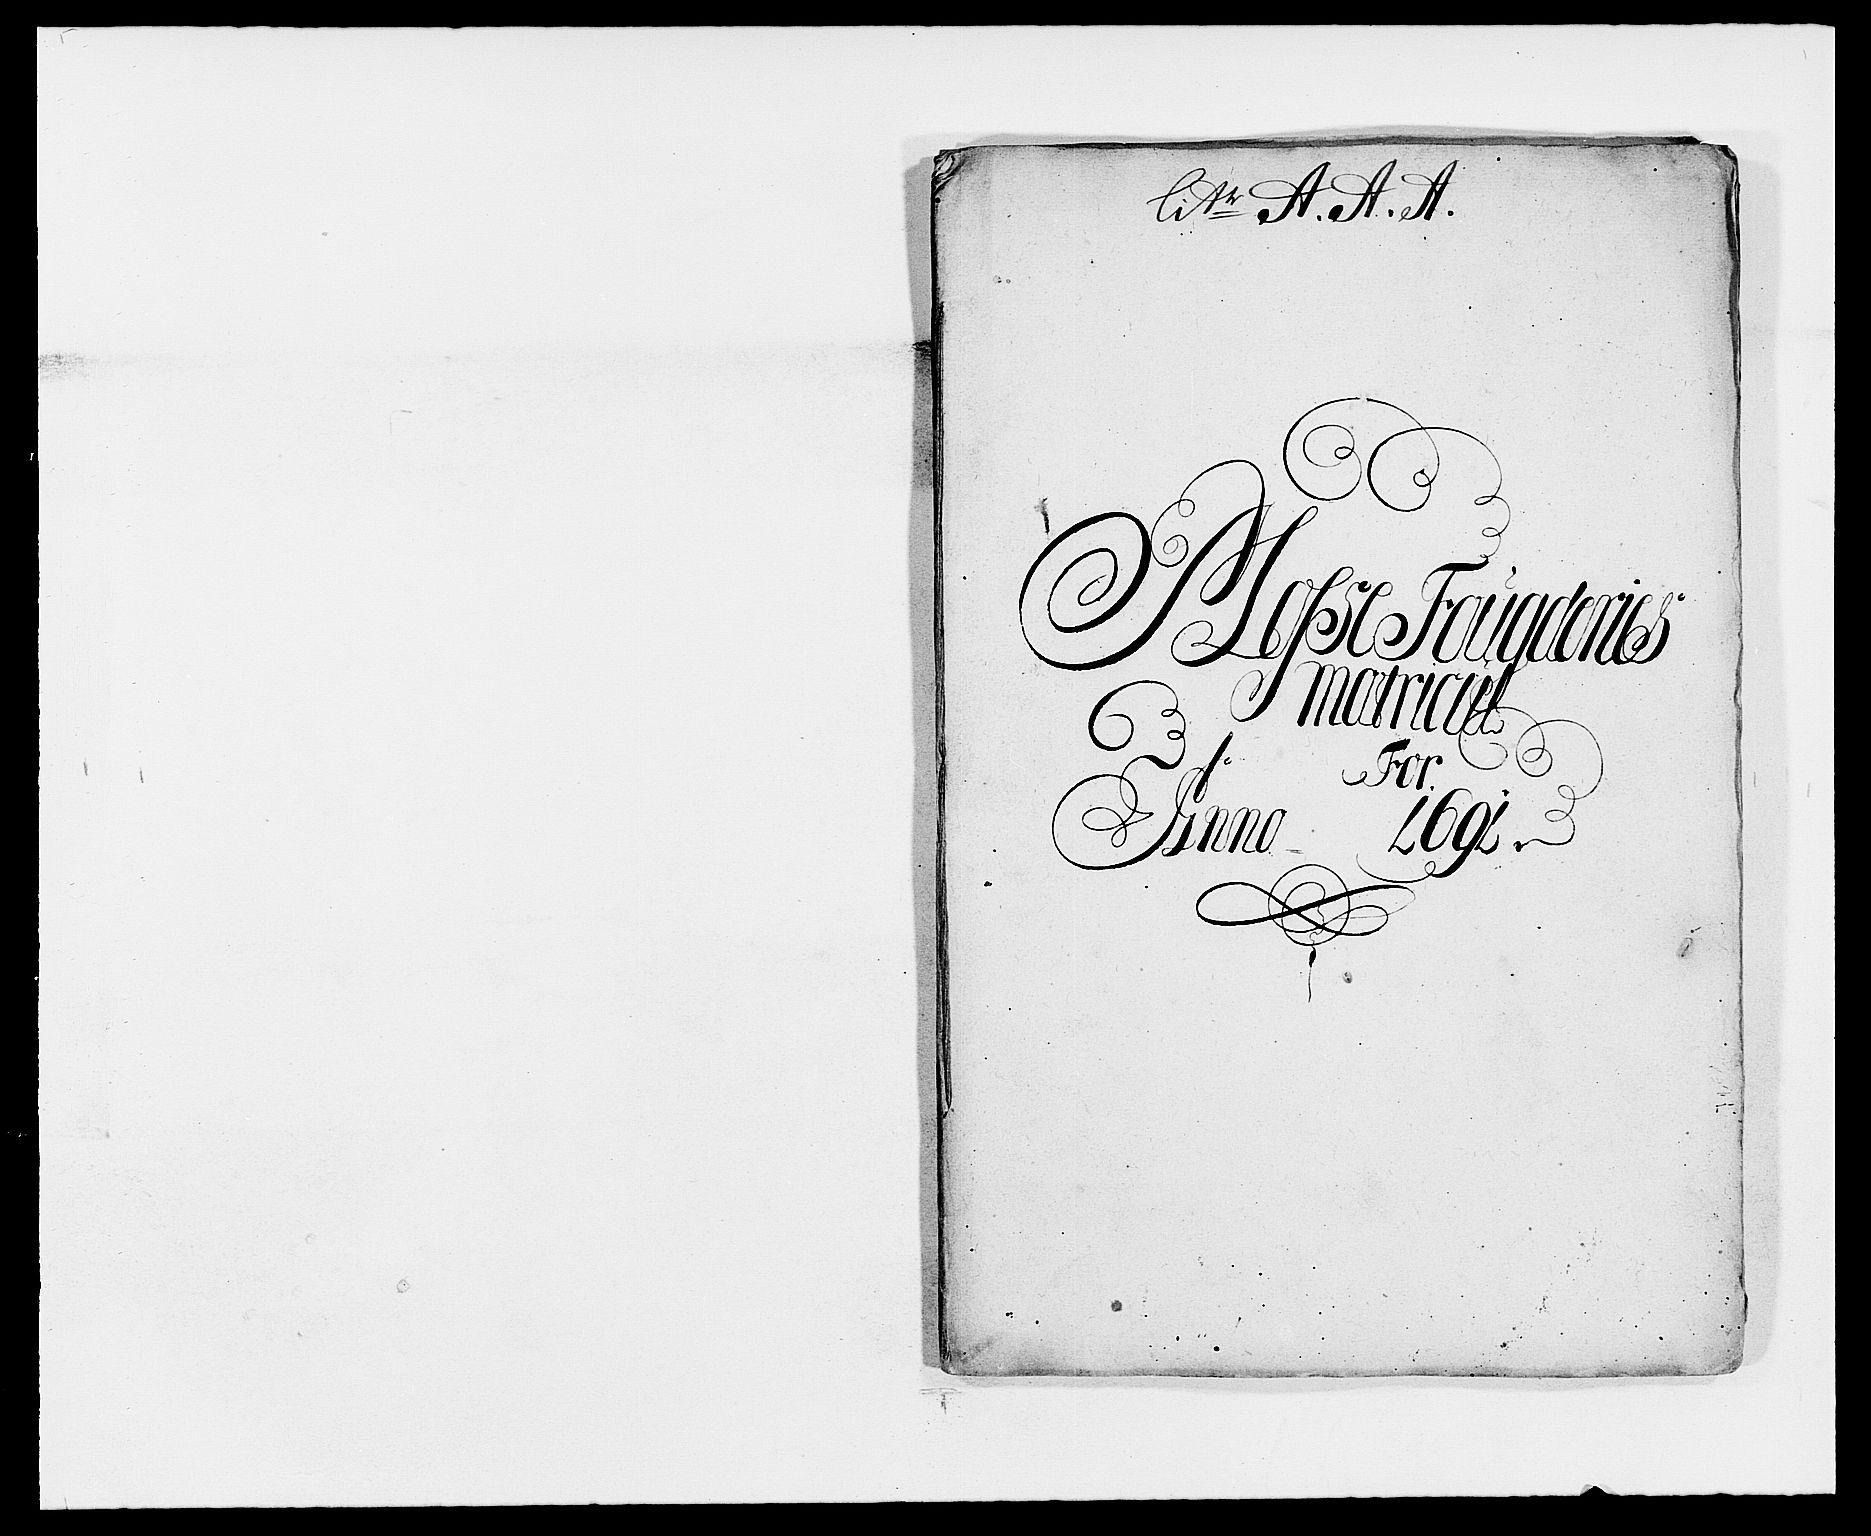 RA, Rentekammeret inntil 1814, Reviderte regnskaper, Fogderegnskap, R02/L0106: Fogderegnskap Moss og Verne kloster, 1688-1691, s. 485